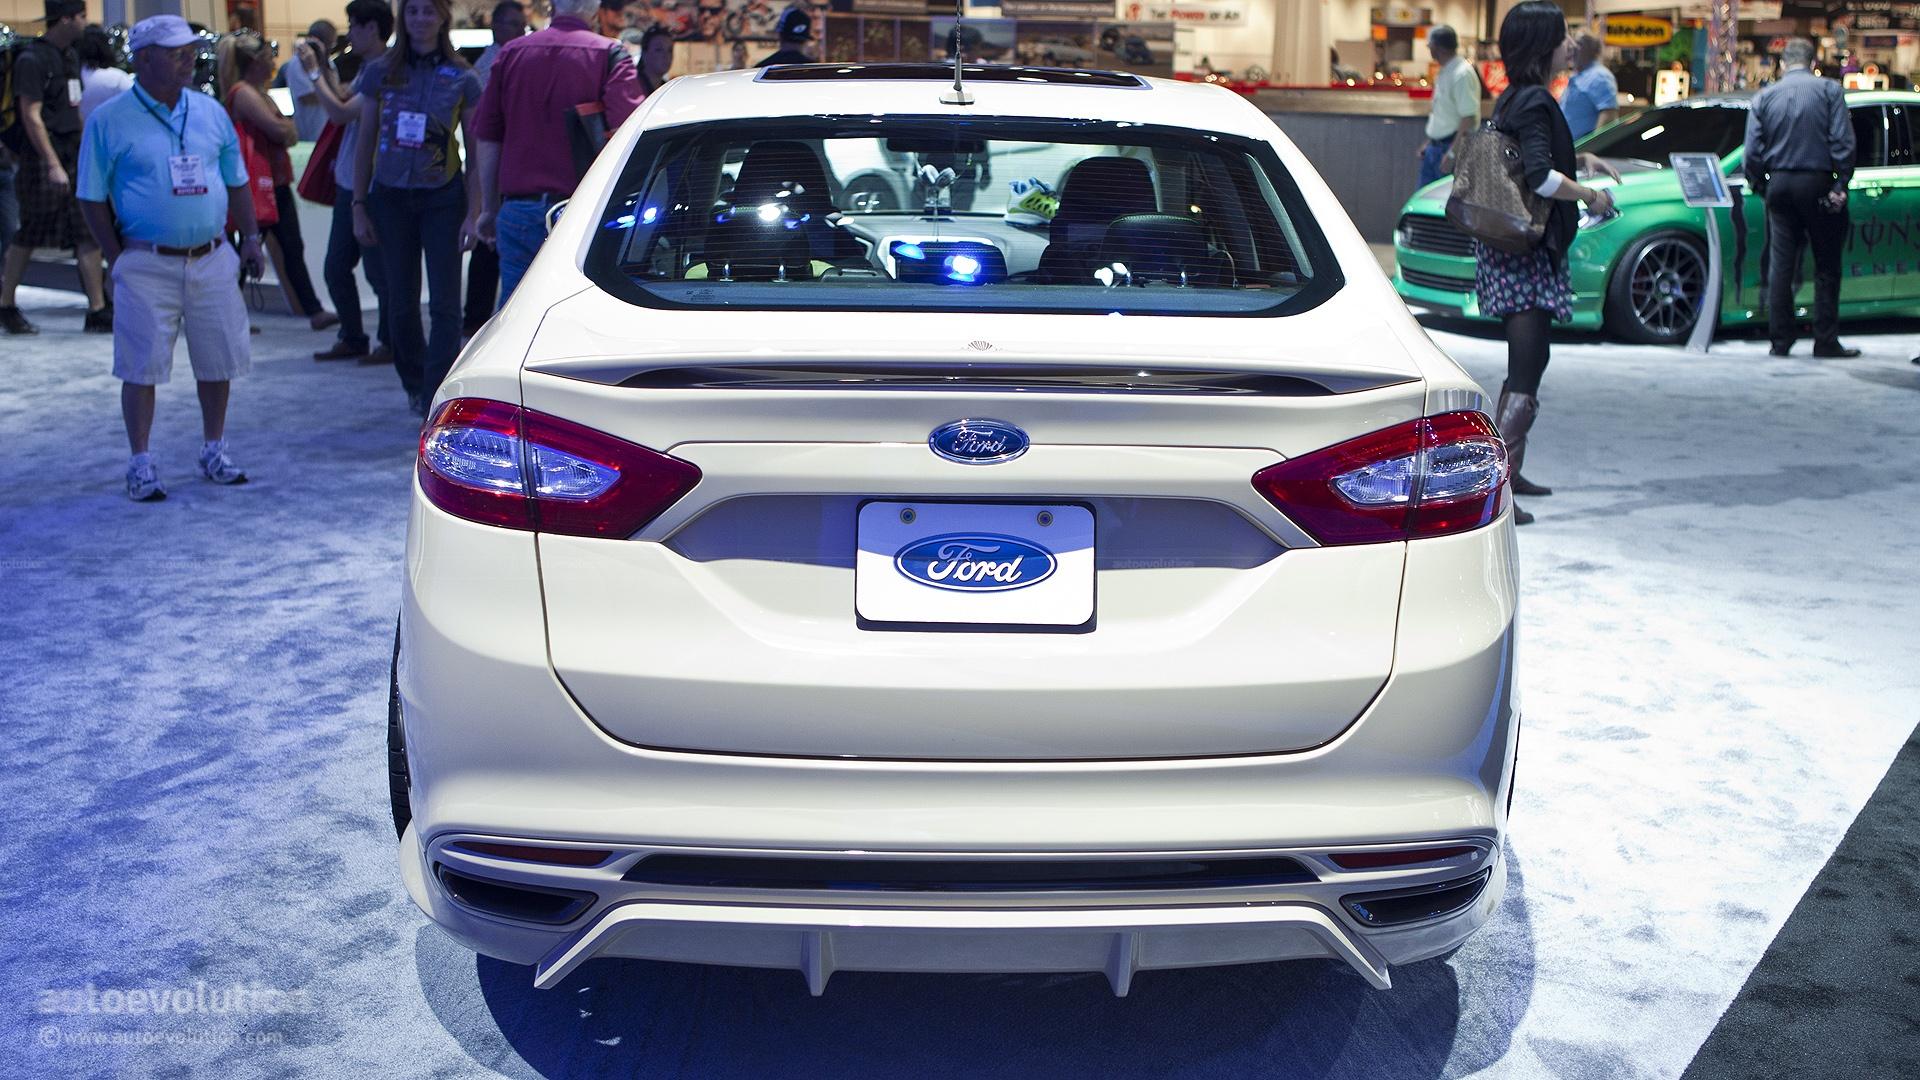 2012 SEMA Ford Fusion Tjin Edition Live s autoevolution